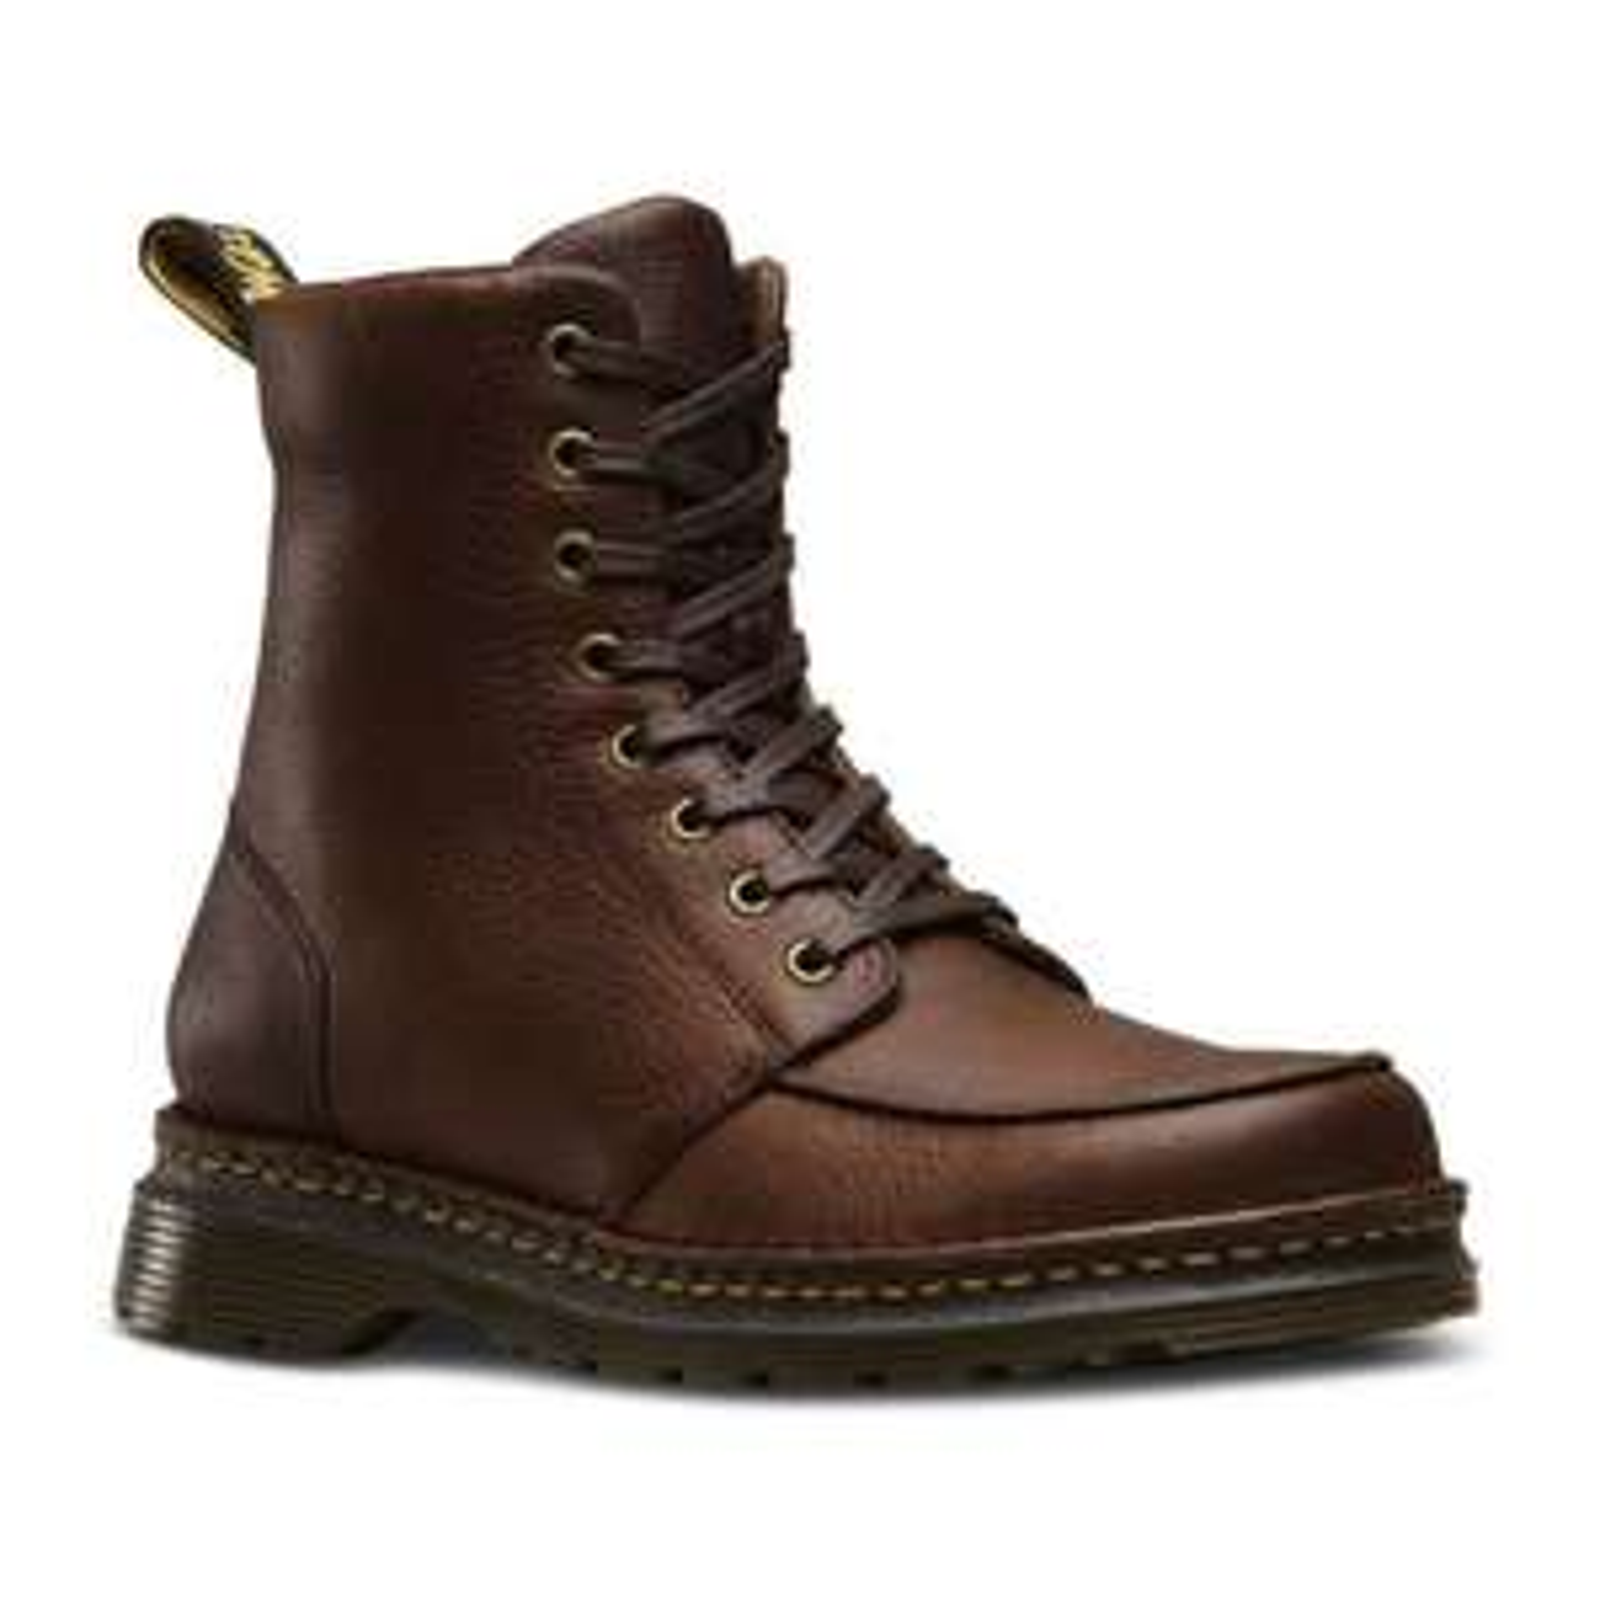 Sélections de chaussures Dr Martens en promotion - Ex: Bottines en cuir